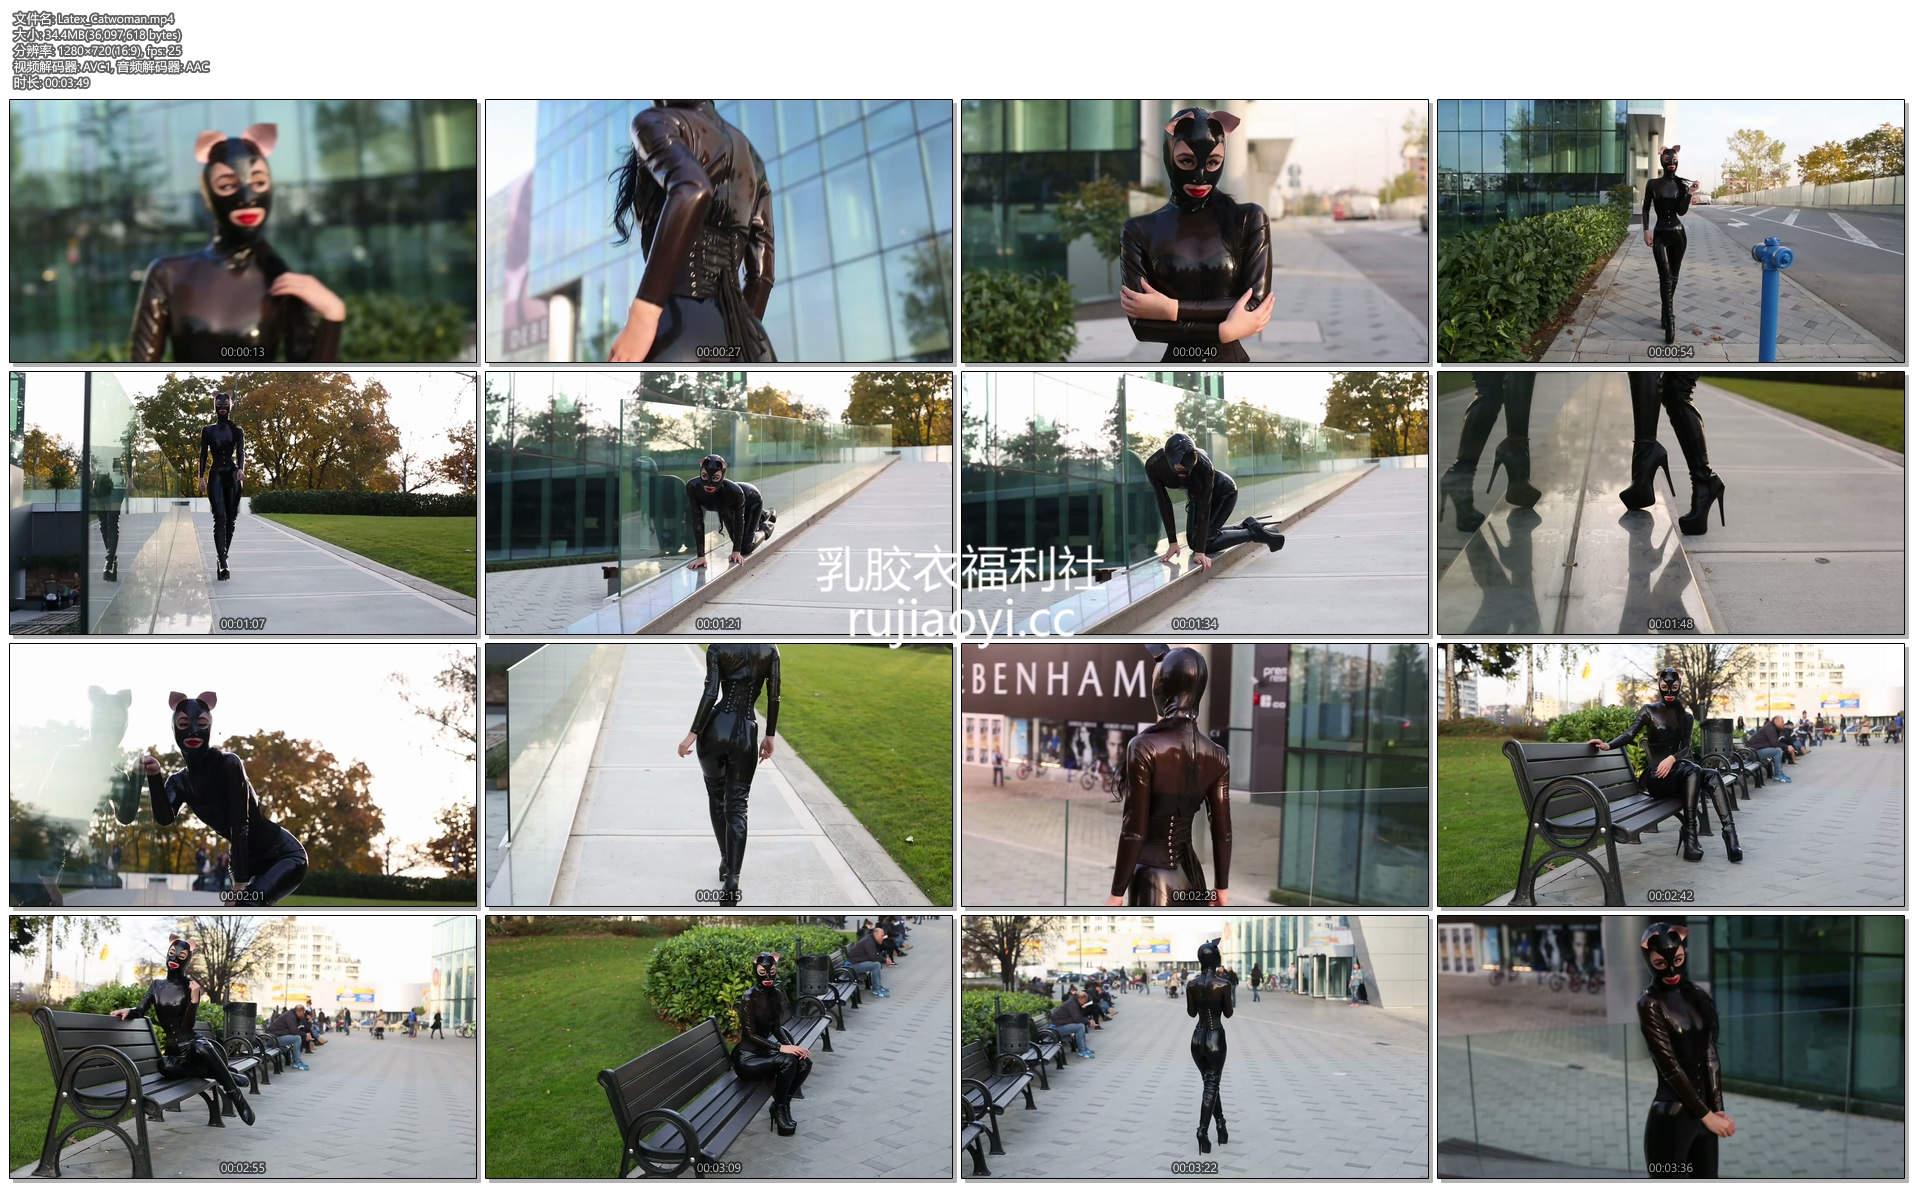 [永V专享-独家精品乳胶衣视频] 黑色紧身乳胶衣猫女写真-720p高清视频 [1V/34M]